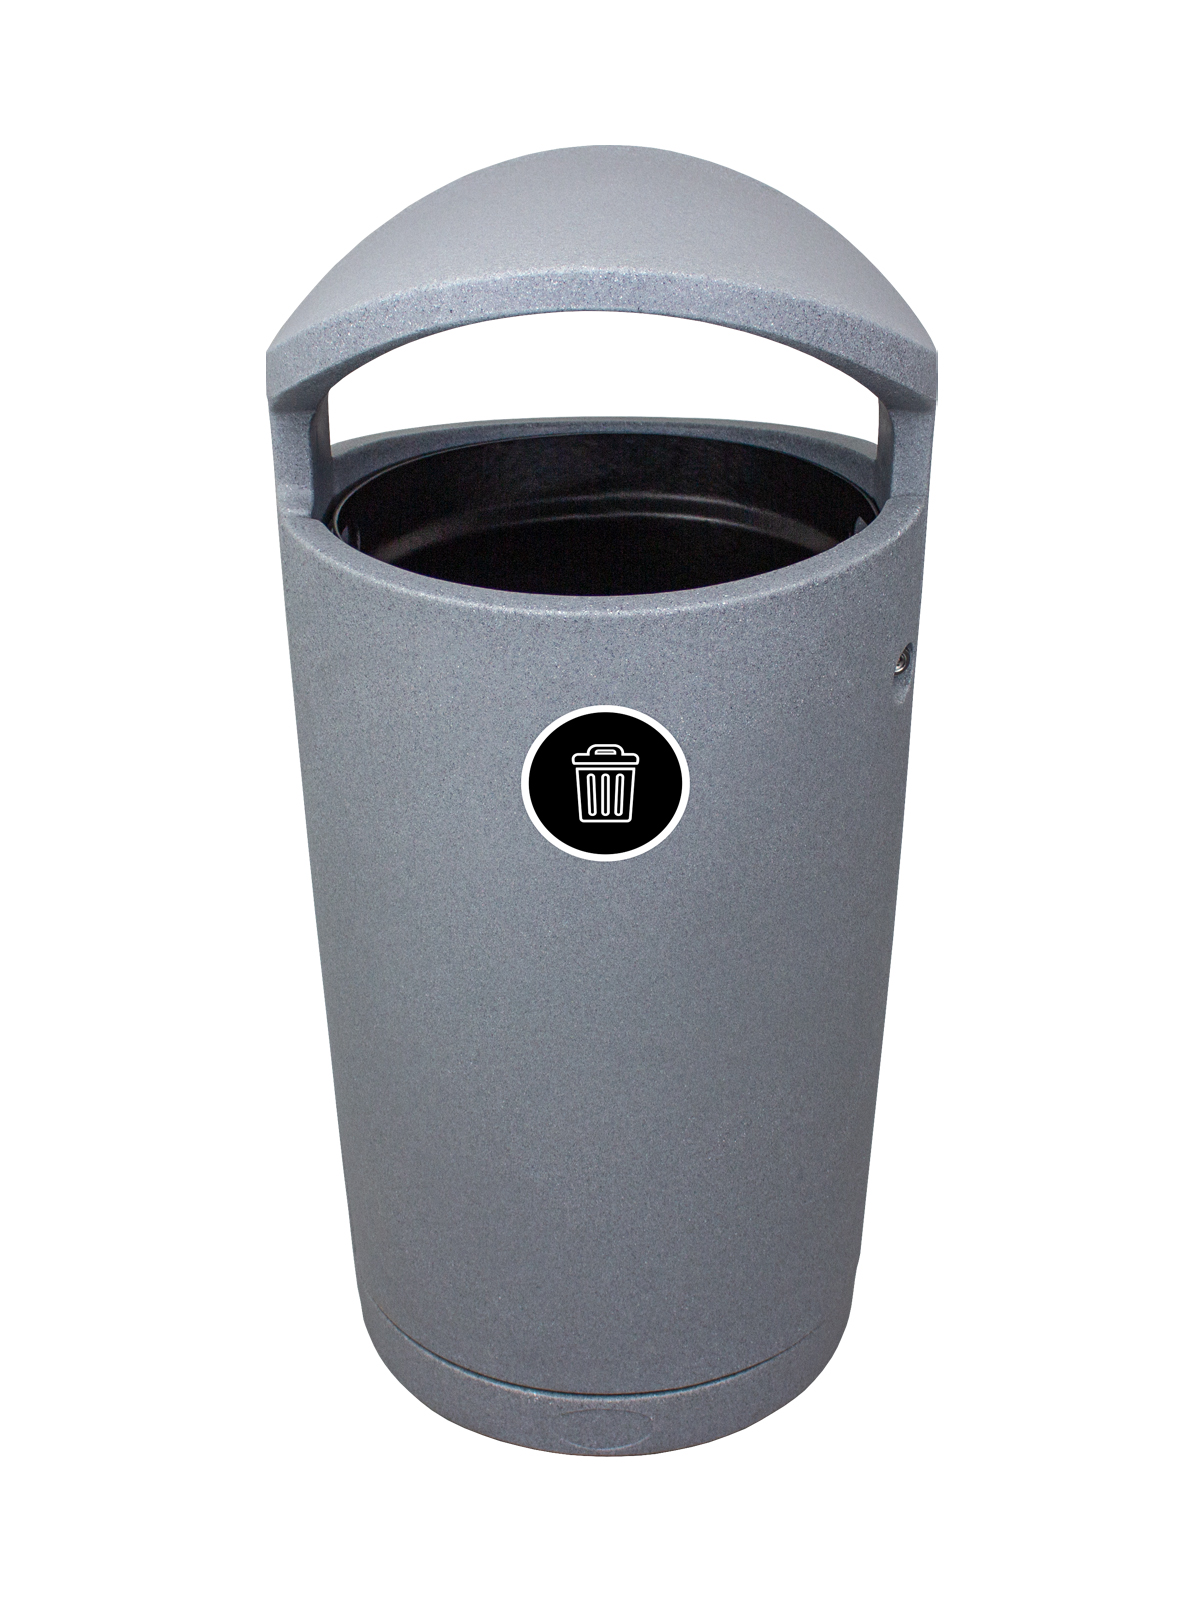 EURO - Single - Waste - Full - Greystone